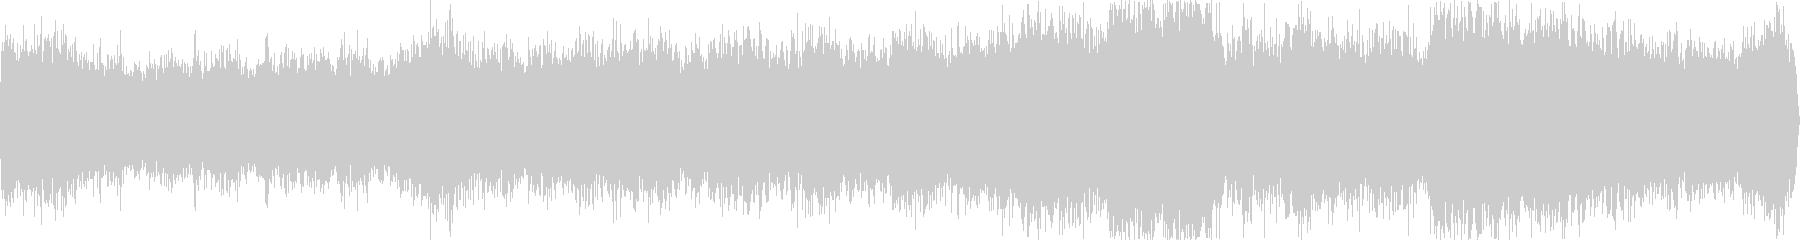 ゲームセンター(環境音)の未再生の波形